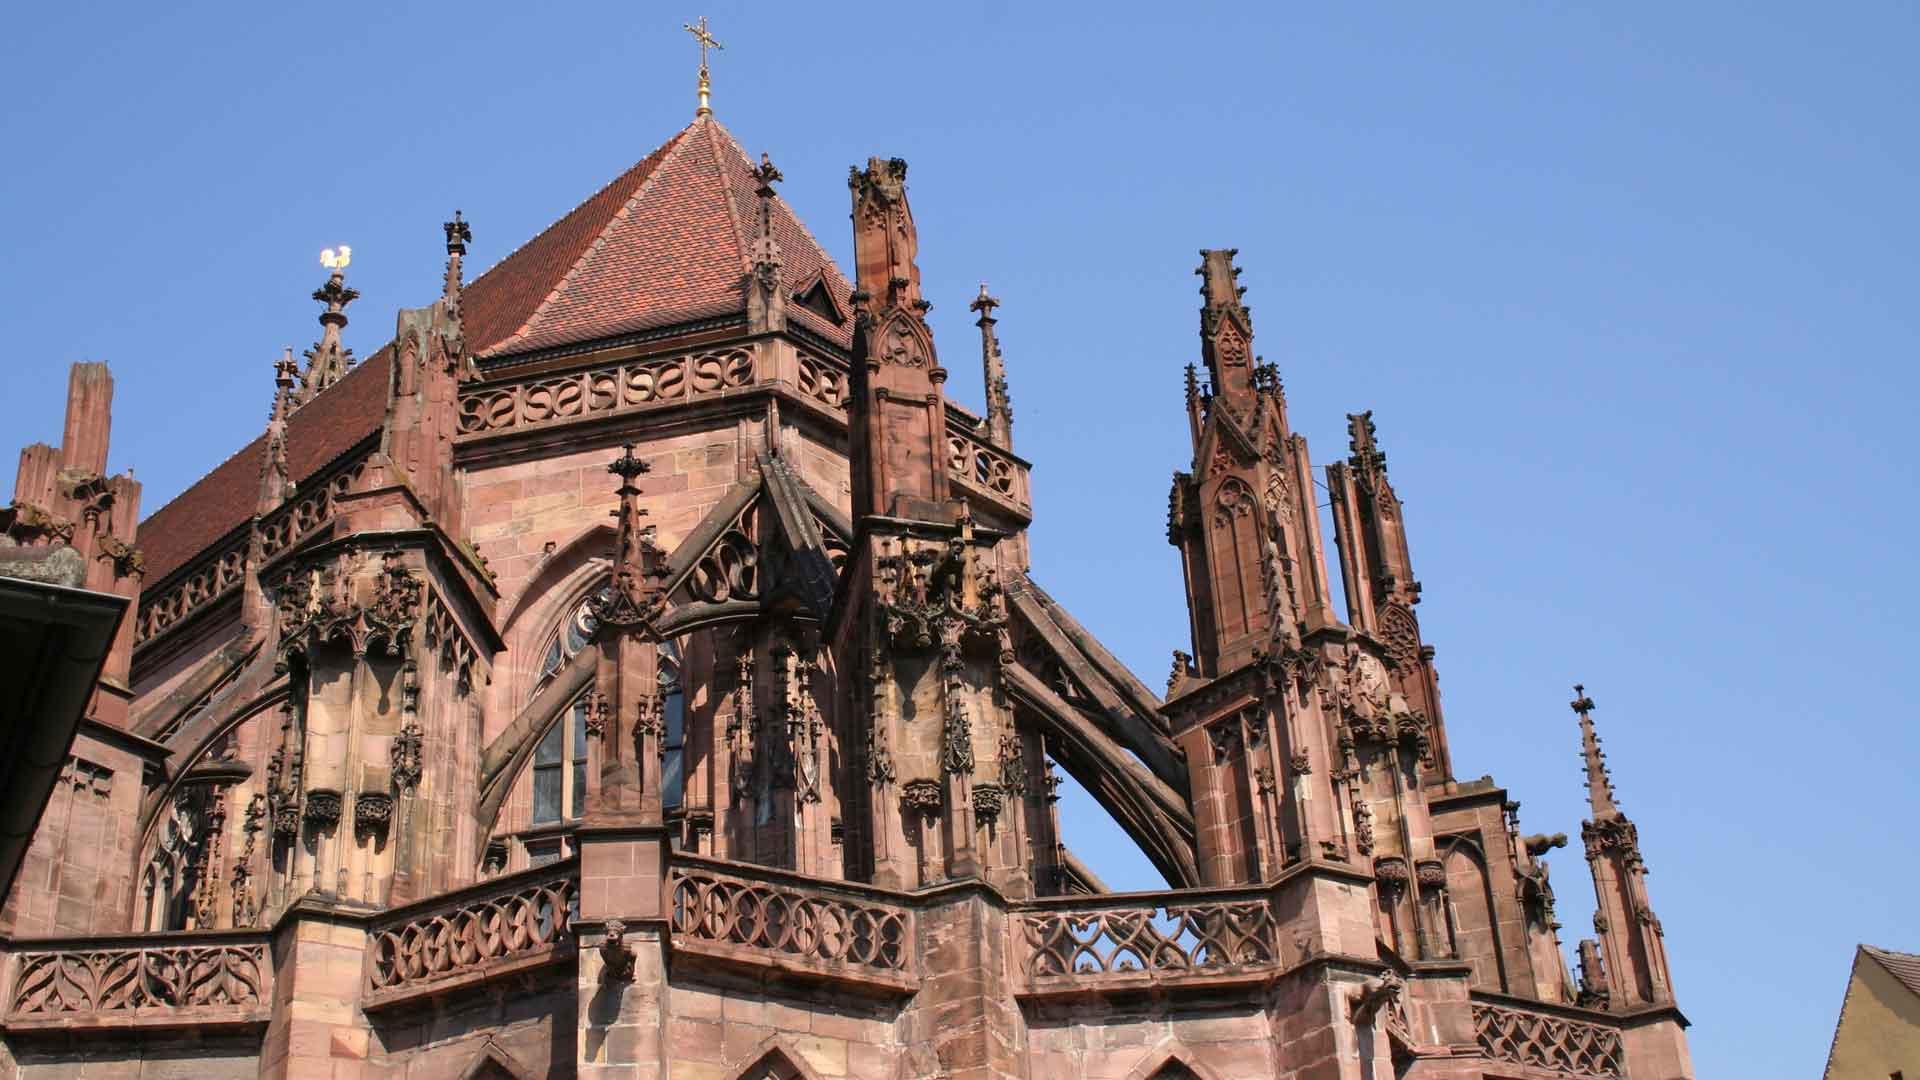 De prachtige gotische dom van Freiburg.